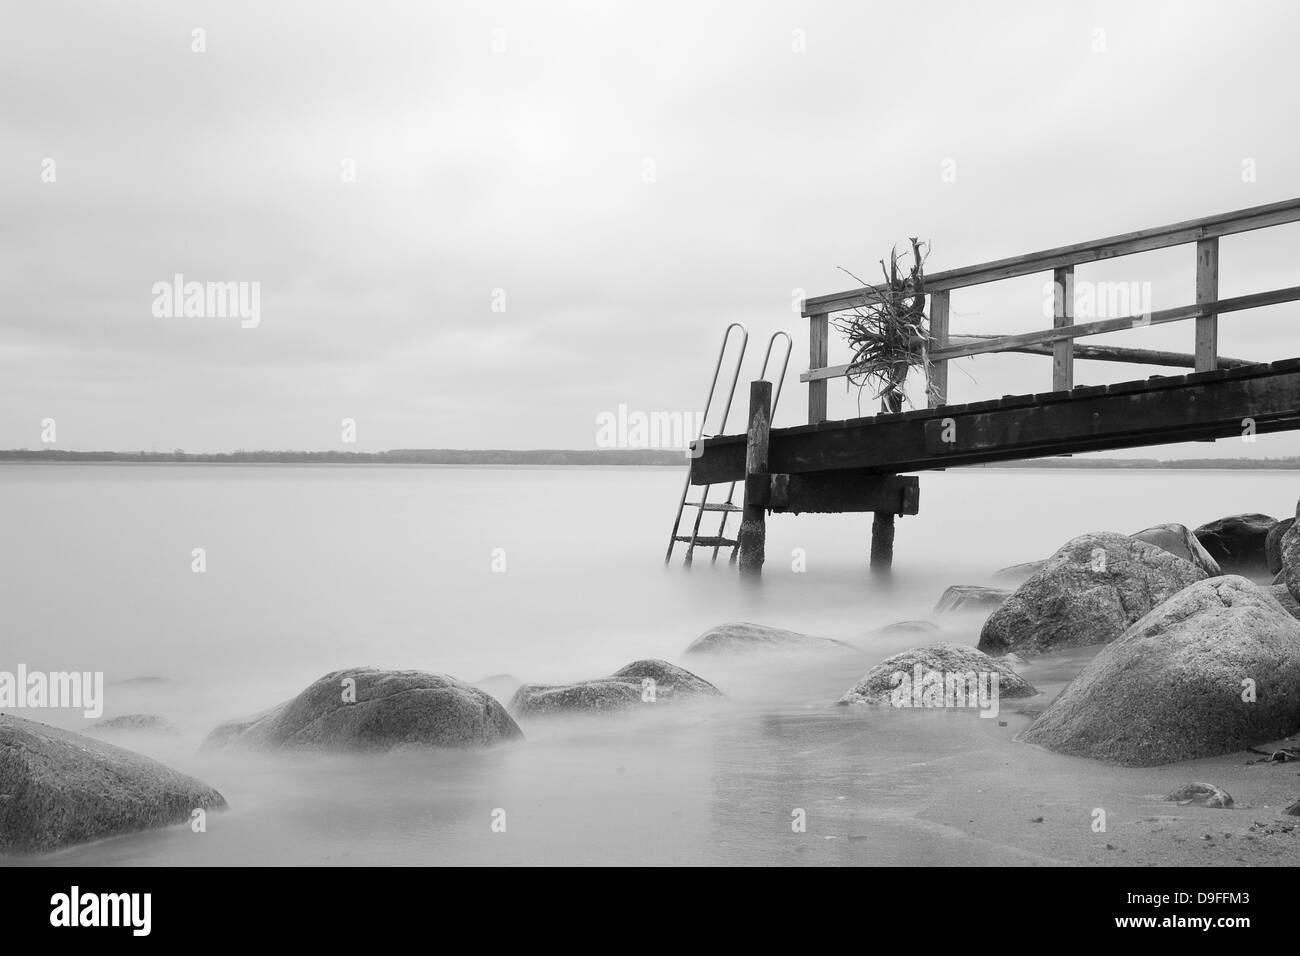 Holzsteg mit einer Leiter an der Ostsee  Wooden pier with a ladder on the Baltic Sea  - Stock Image